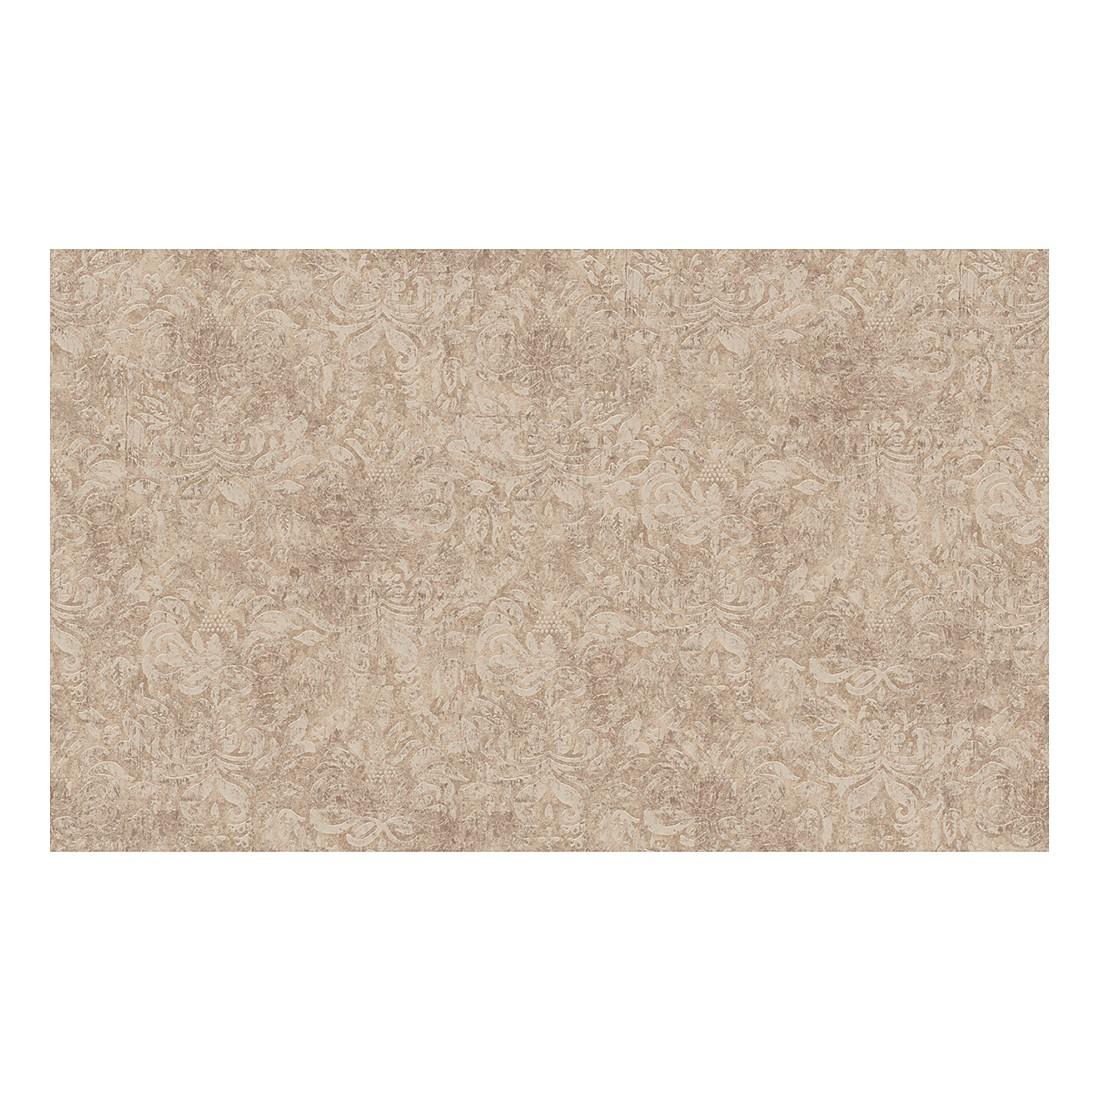 Tapete Bohemian – braun – metallic – strukturiert, Home24Deko günstig bestellen